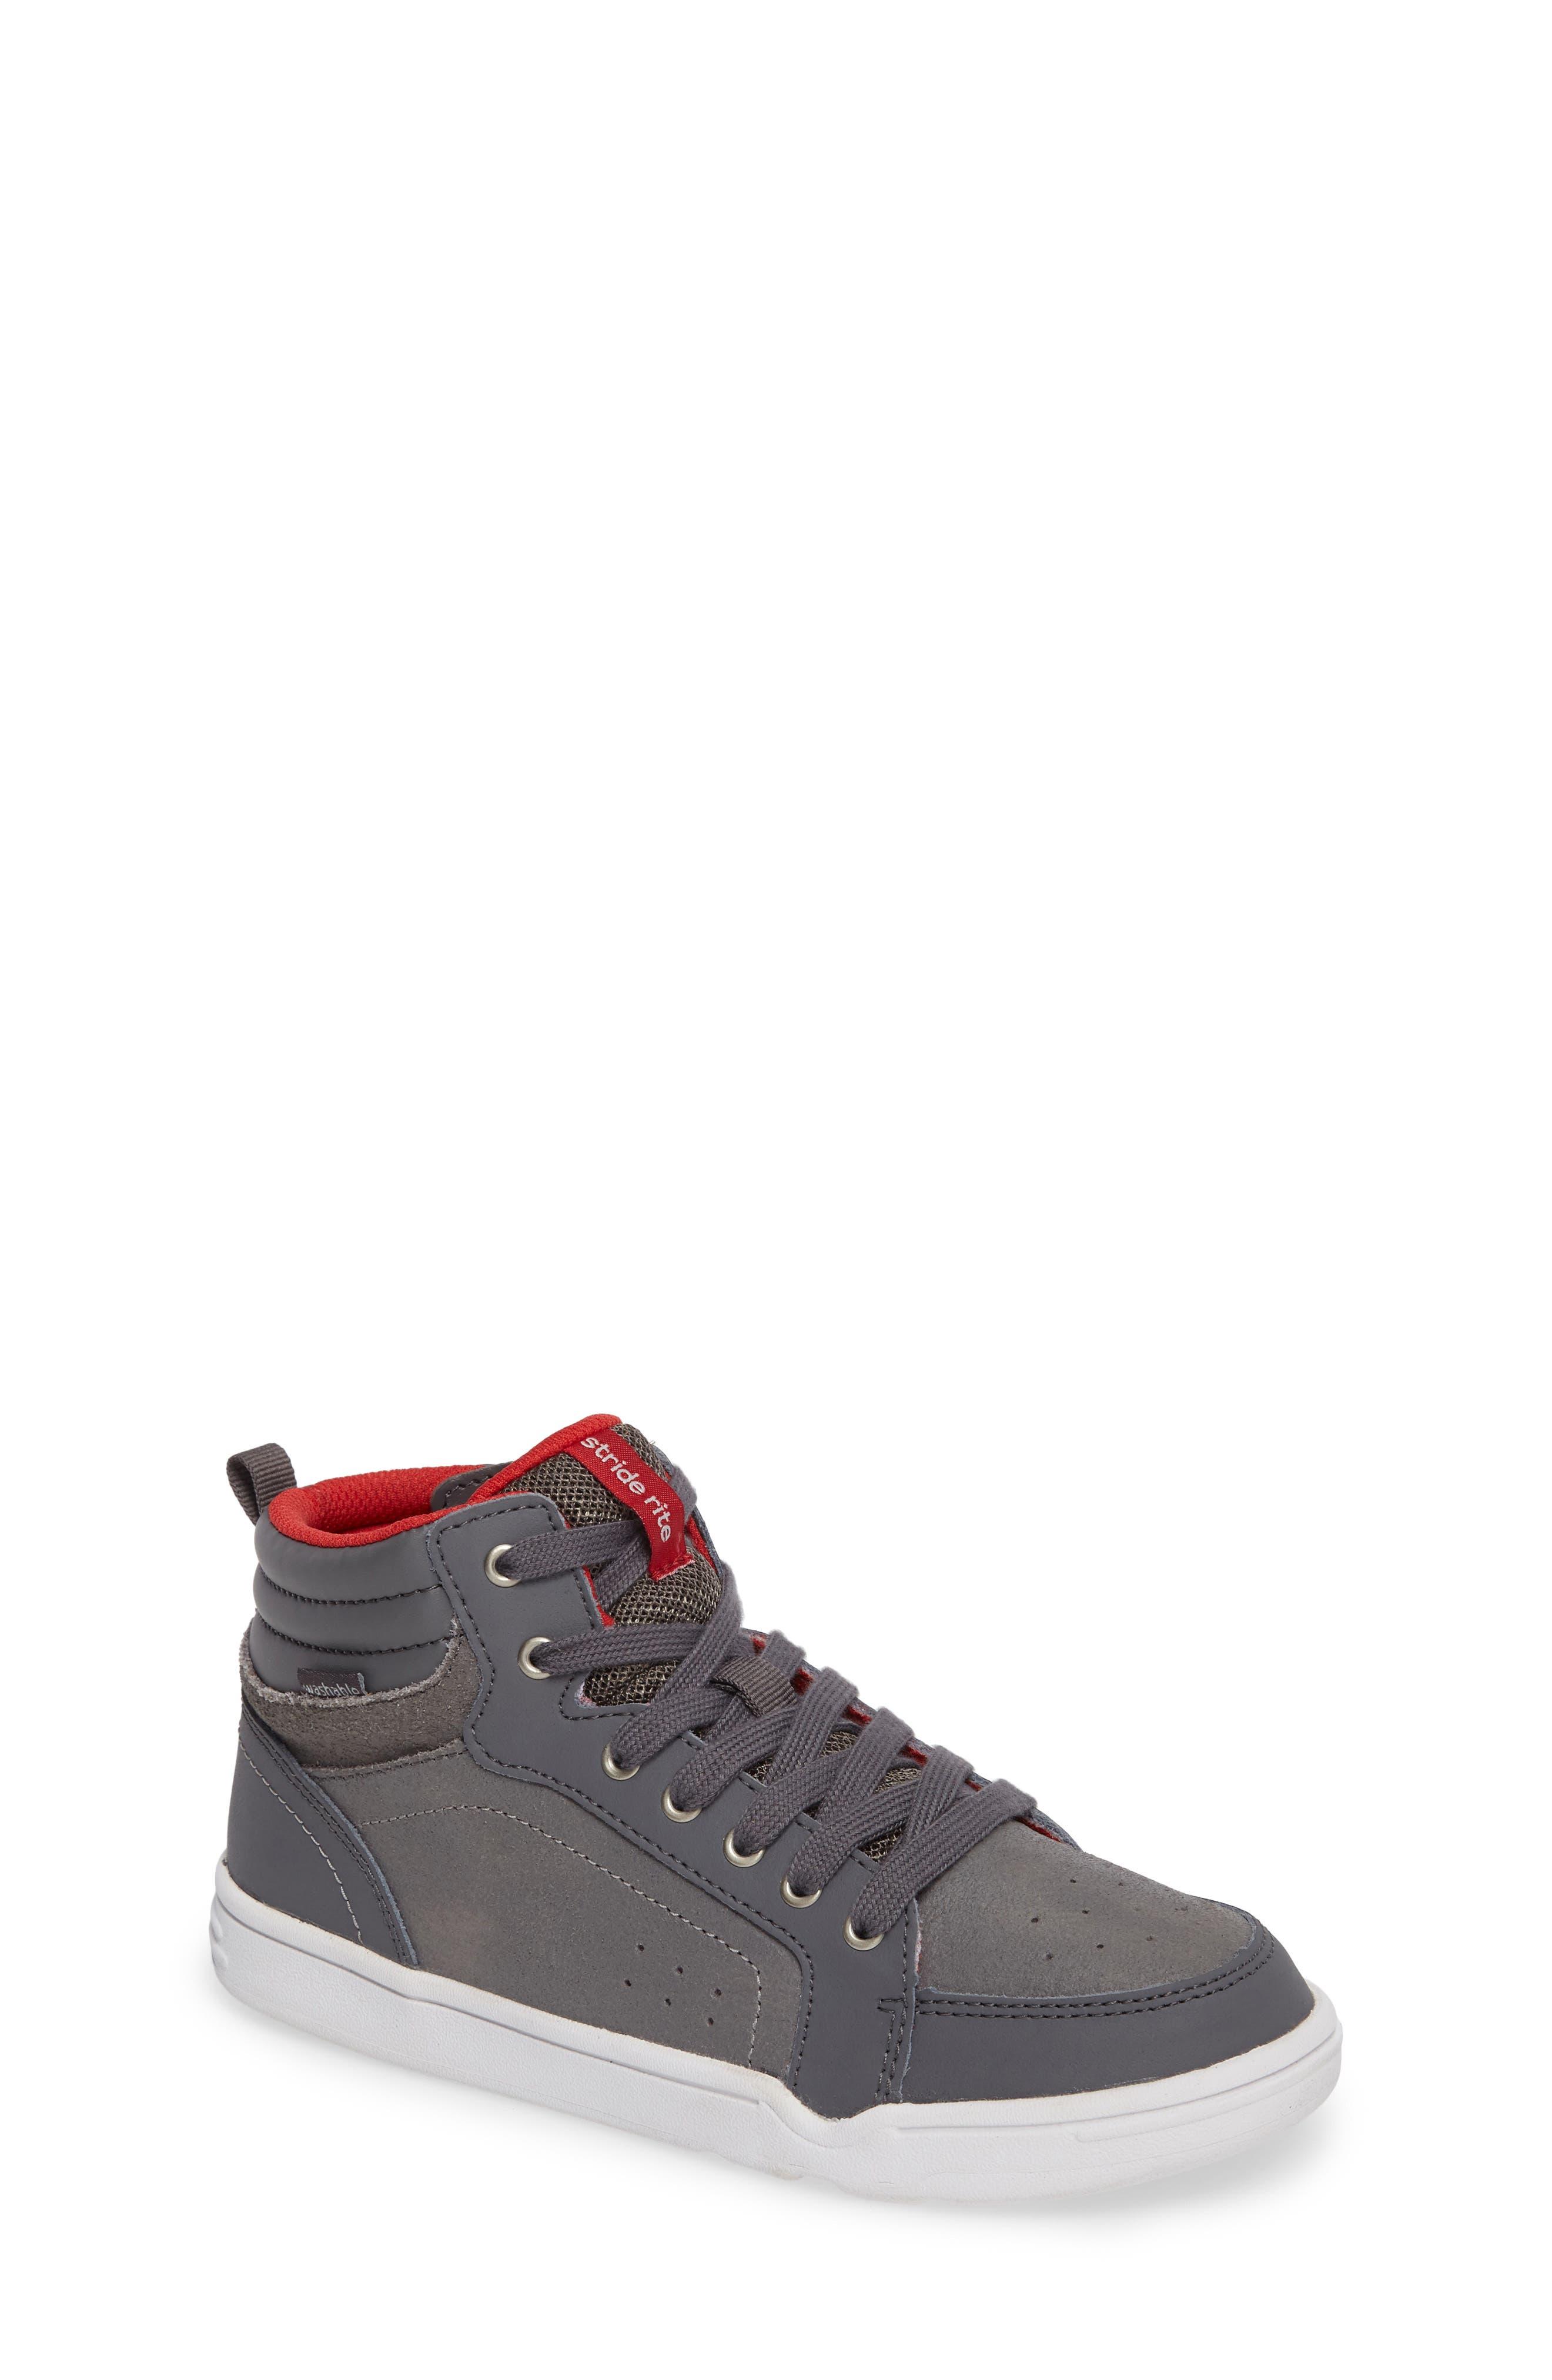 Made 2 Play<sup>®</sup> Kaleb Sneaker,                             Main thumbnail 1, color,                             021